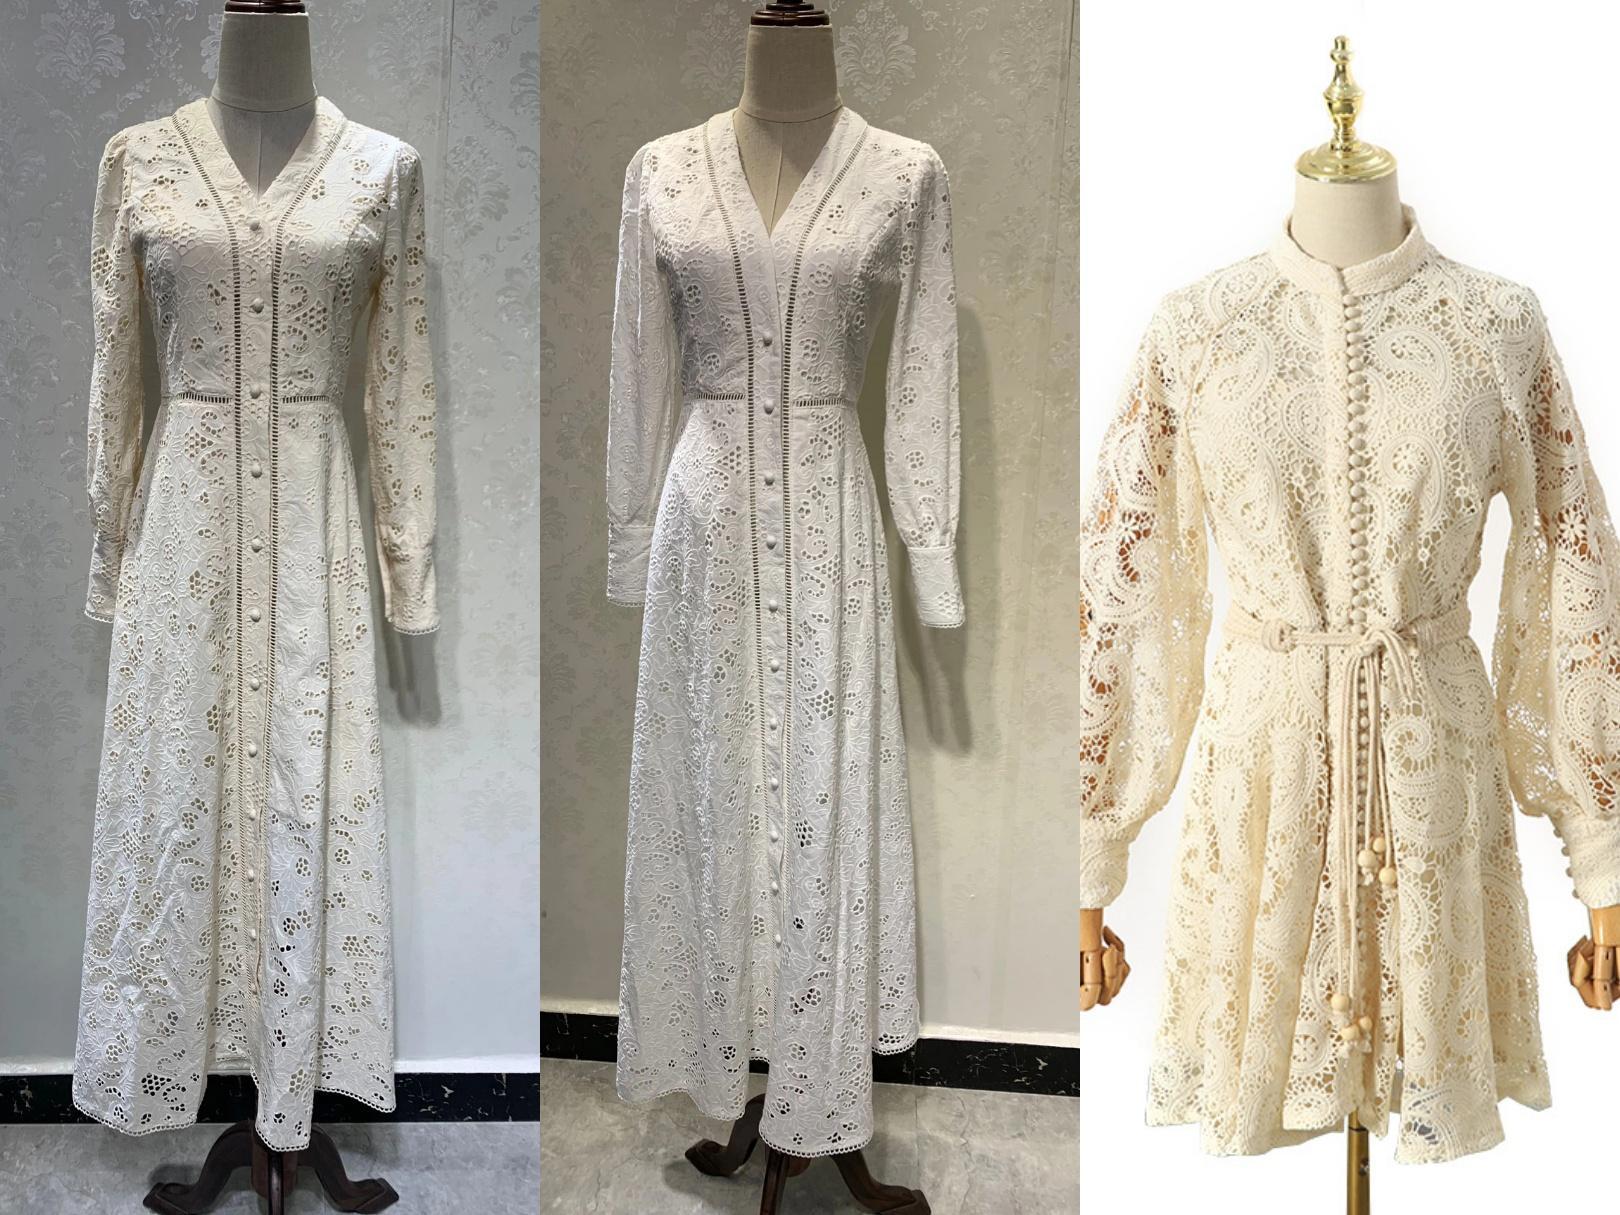 호주 레이스 빈티지 패턴 자수 허리 얇은 퍼프 슬리브 투각 칼라 드레스